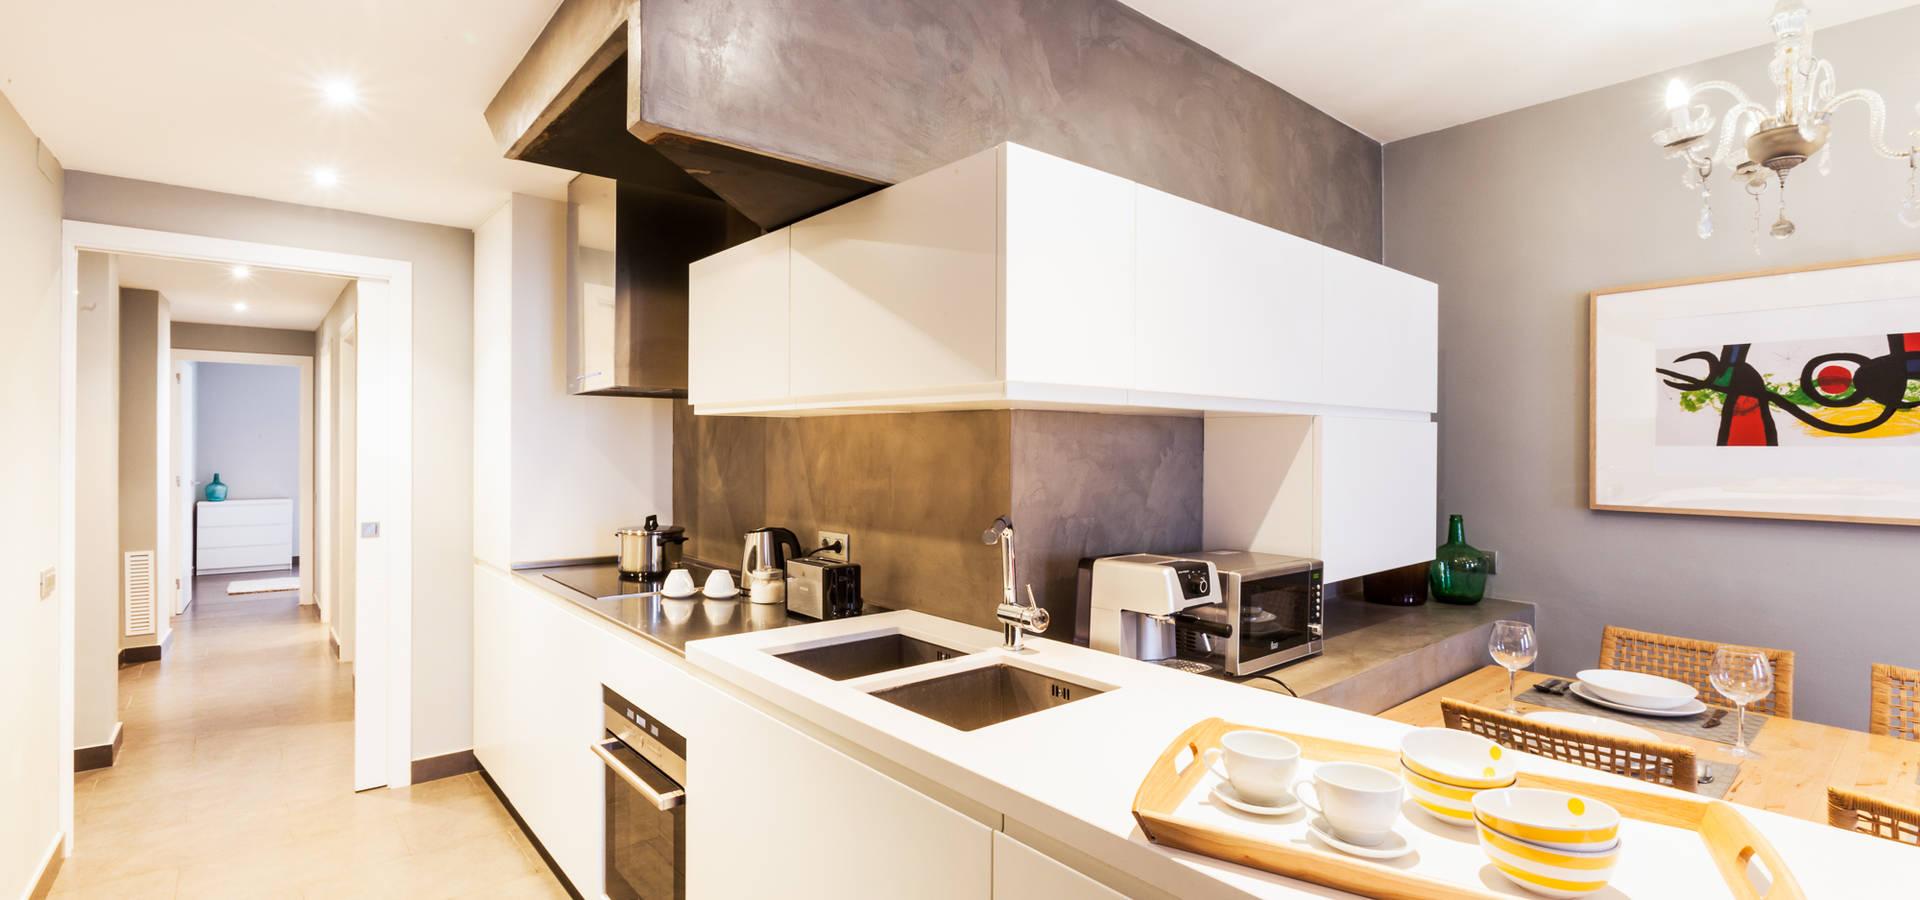 Laia cenzano studio decoradores y dise adores de - Decoradores de interiores barcelona ...